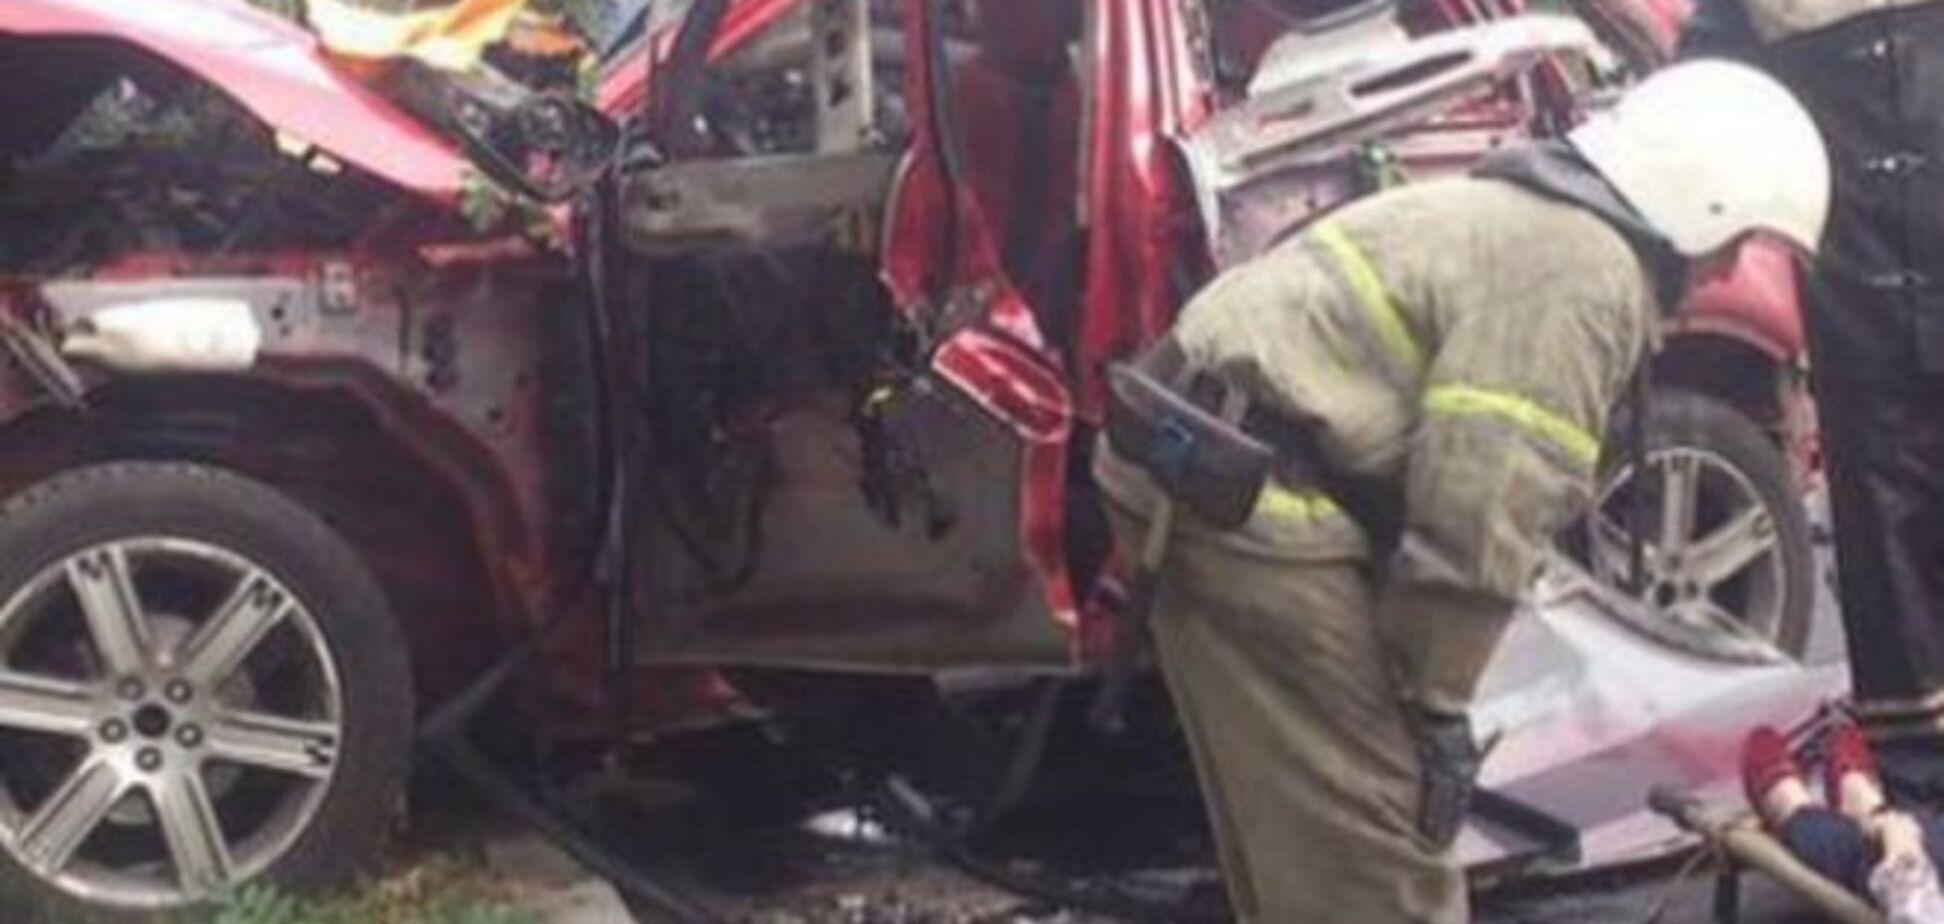 В Донецке посреди дороги взорвалось авто с женщиной внутри: опубликованы фото